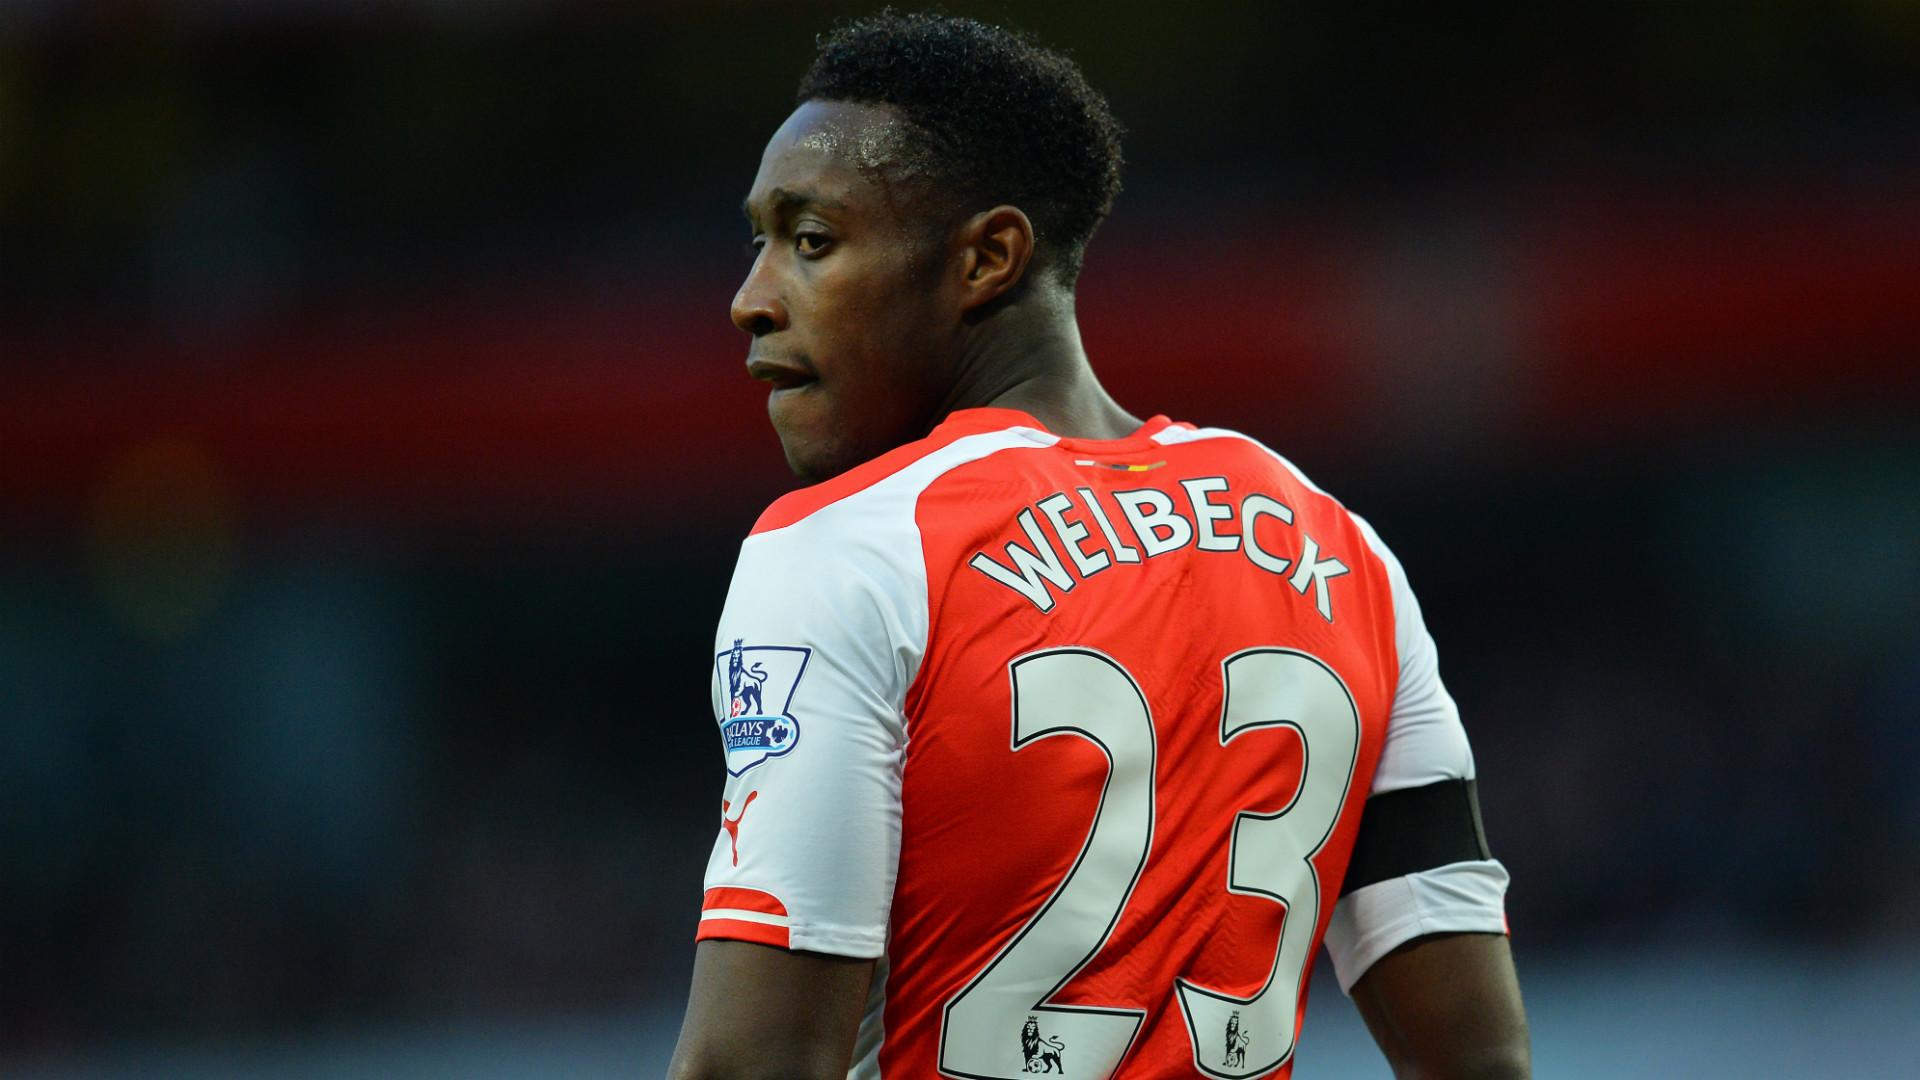 Danny Welbeck | Arsenal - Goal.com